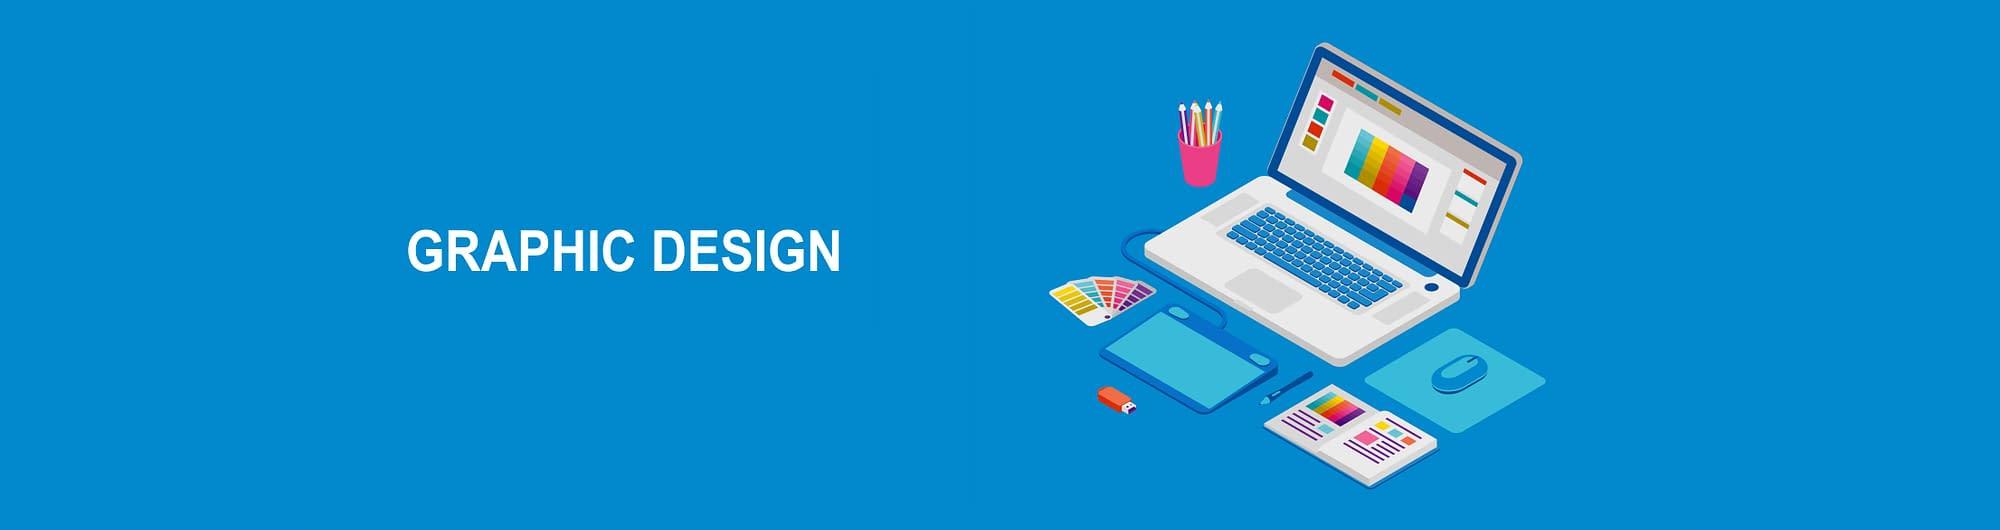 Σχεδιασμός εταιρικής ταυτότητας